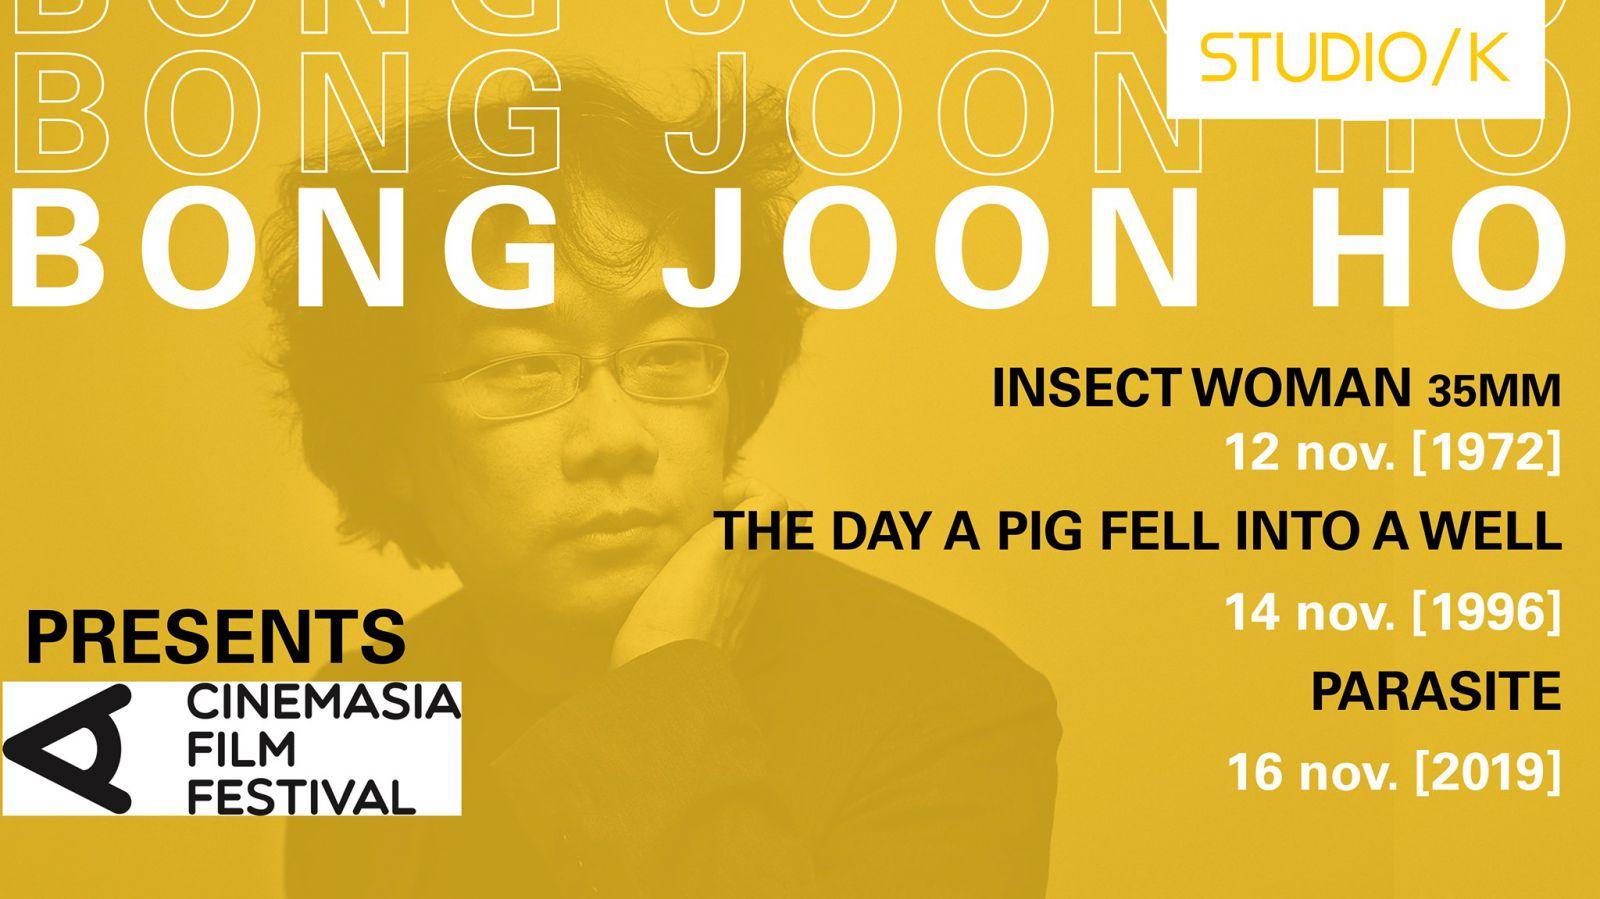 Bong Joon-ho presents CinemAsia